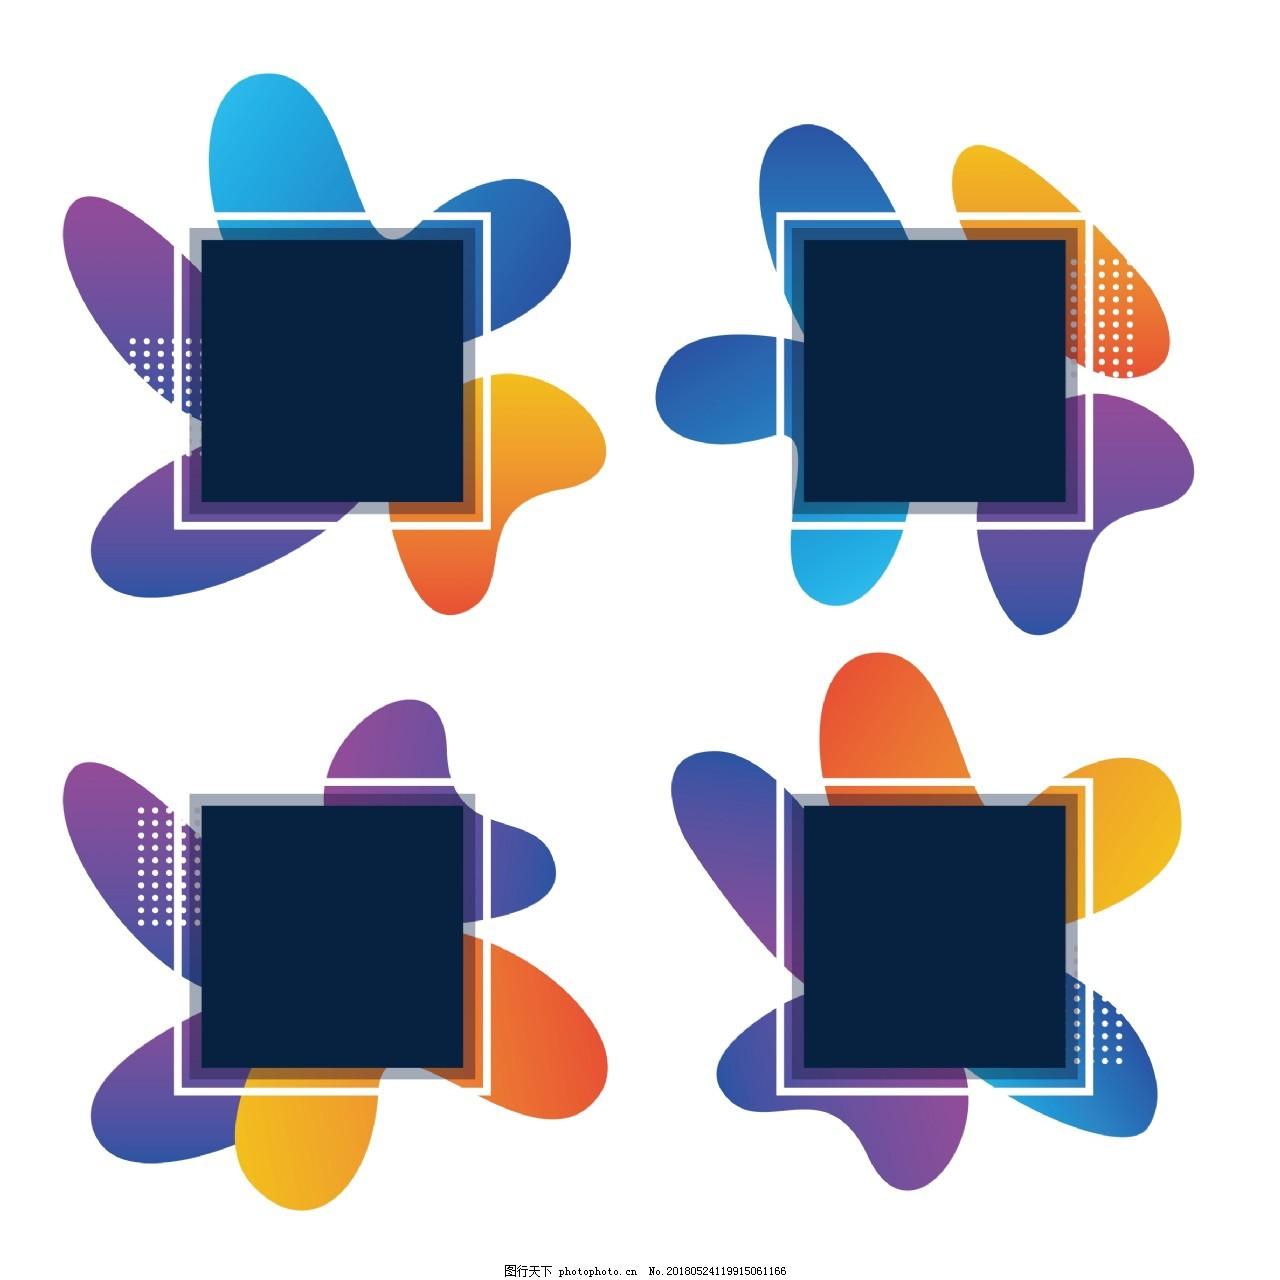 创意流体科技促销标签618,流体促销,流体标签,创意设计,抽象,电商,电商标签